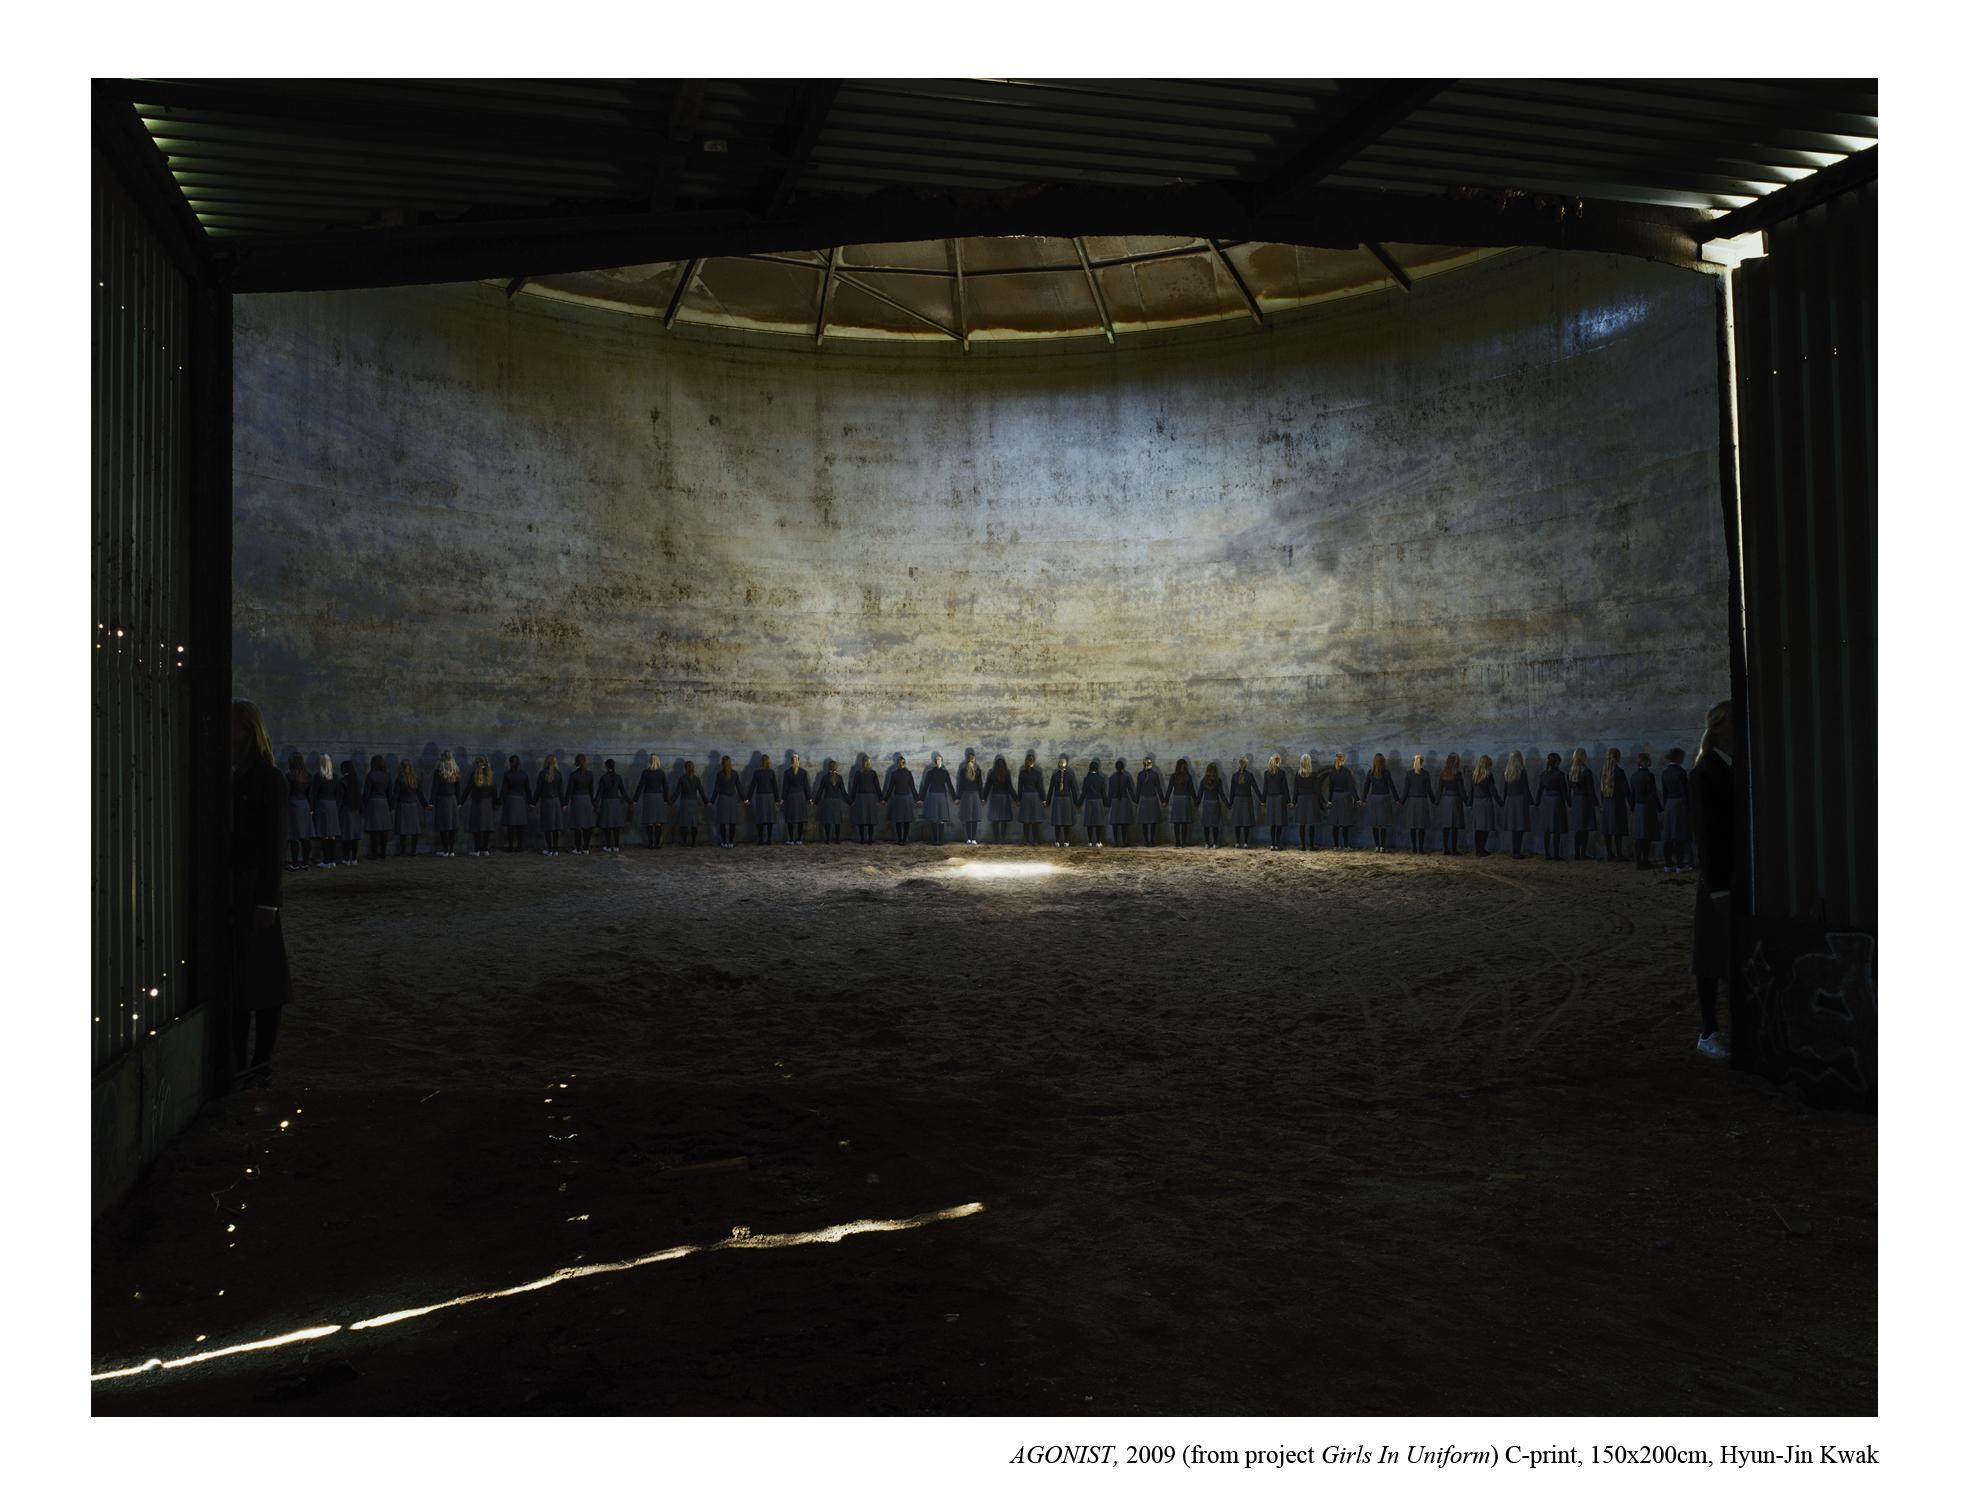 Hyun-Jin Kwak, Agonist, 2009, 150x200cm C- print